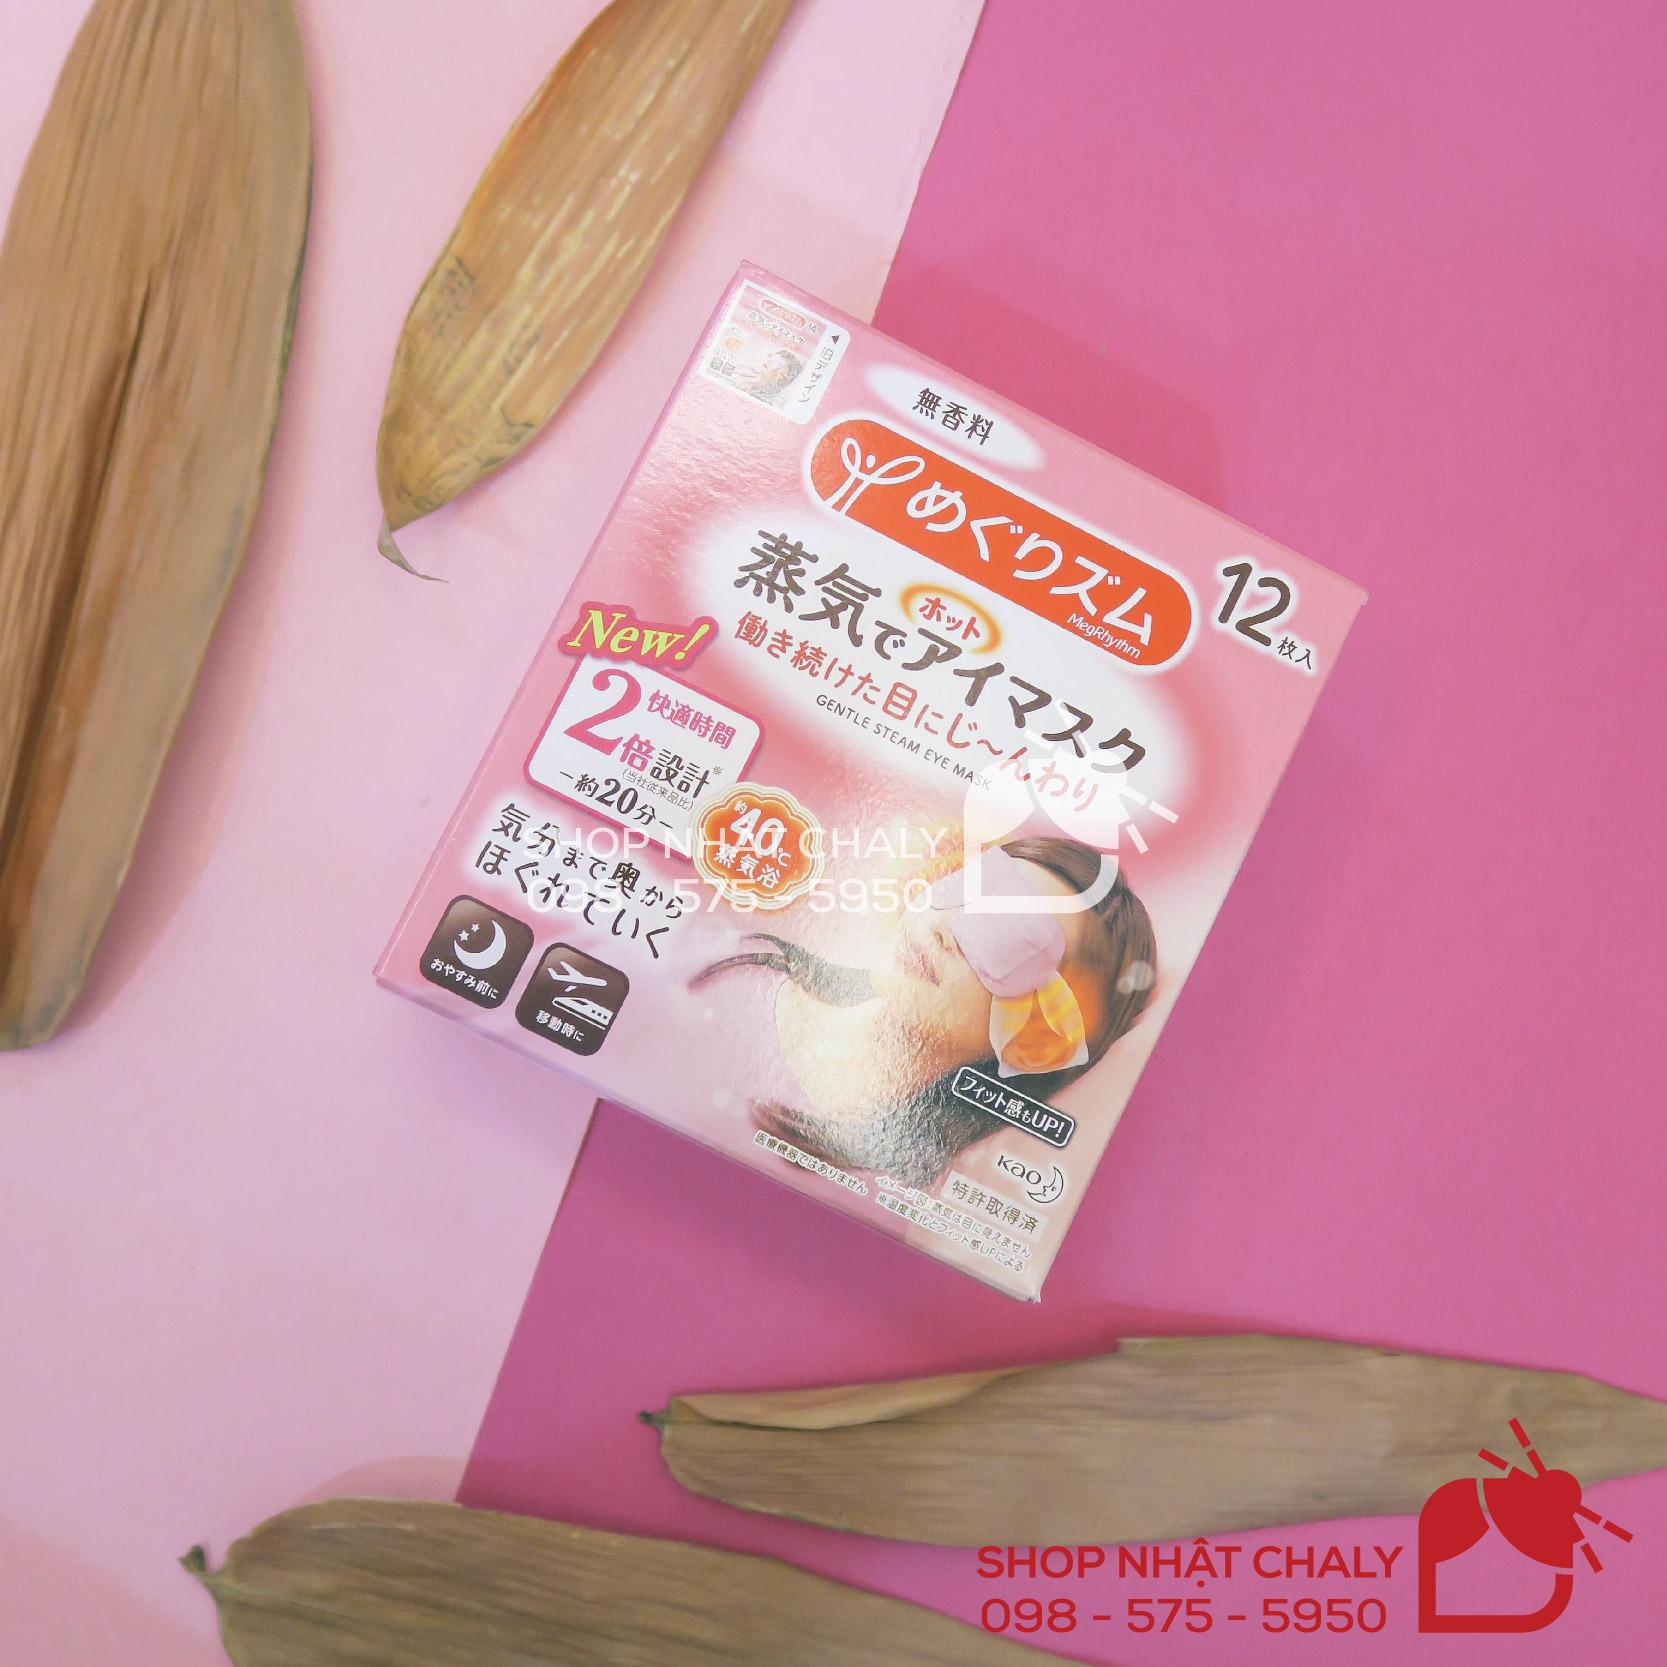 Mỗi hộp miếng dán mắt thư giãn của Nhật có 12 miếng, giữ hơi nóng trong khoảng 20 phút rất dễ chịu